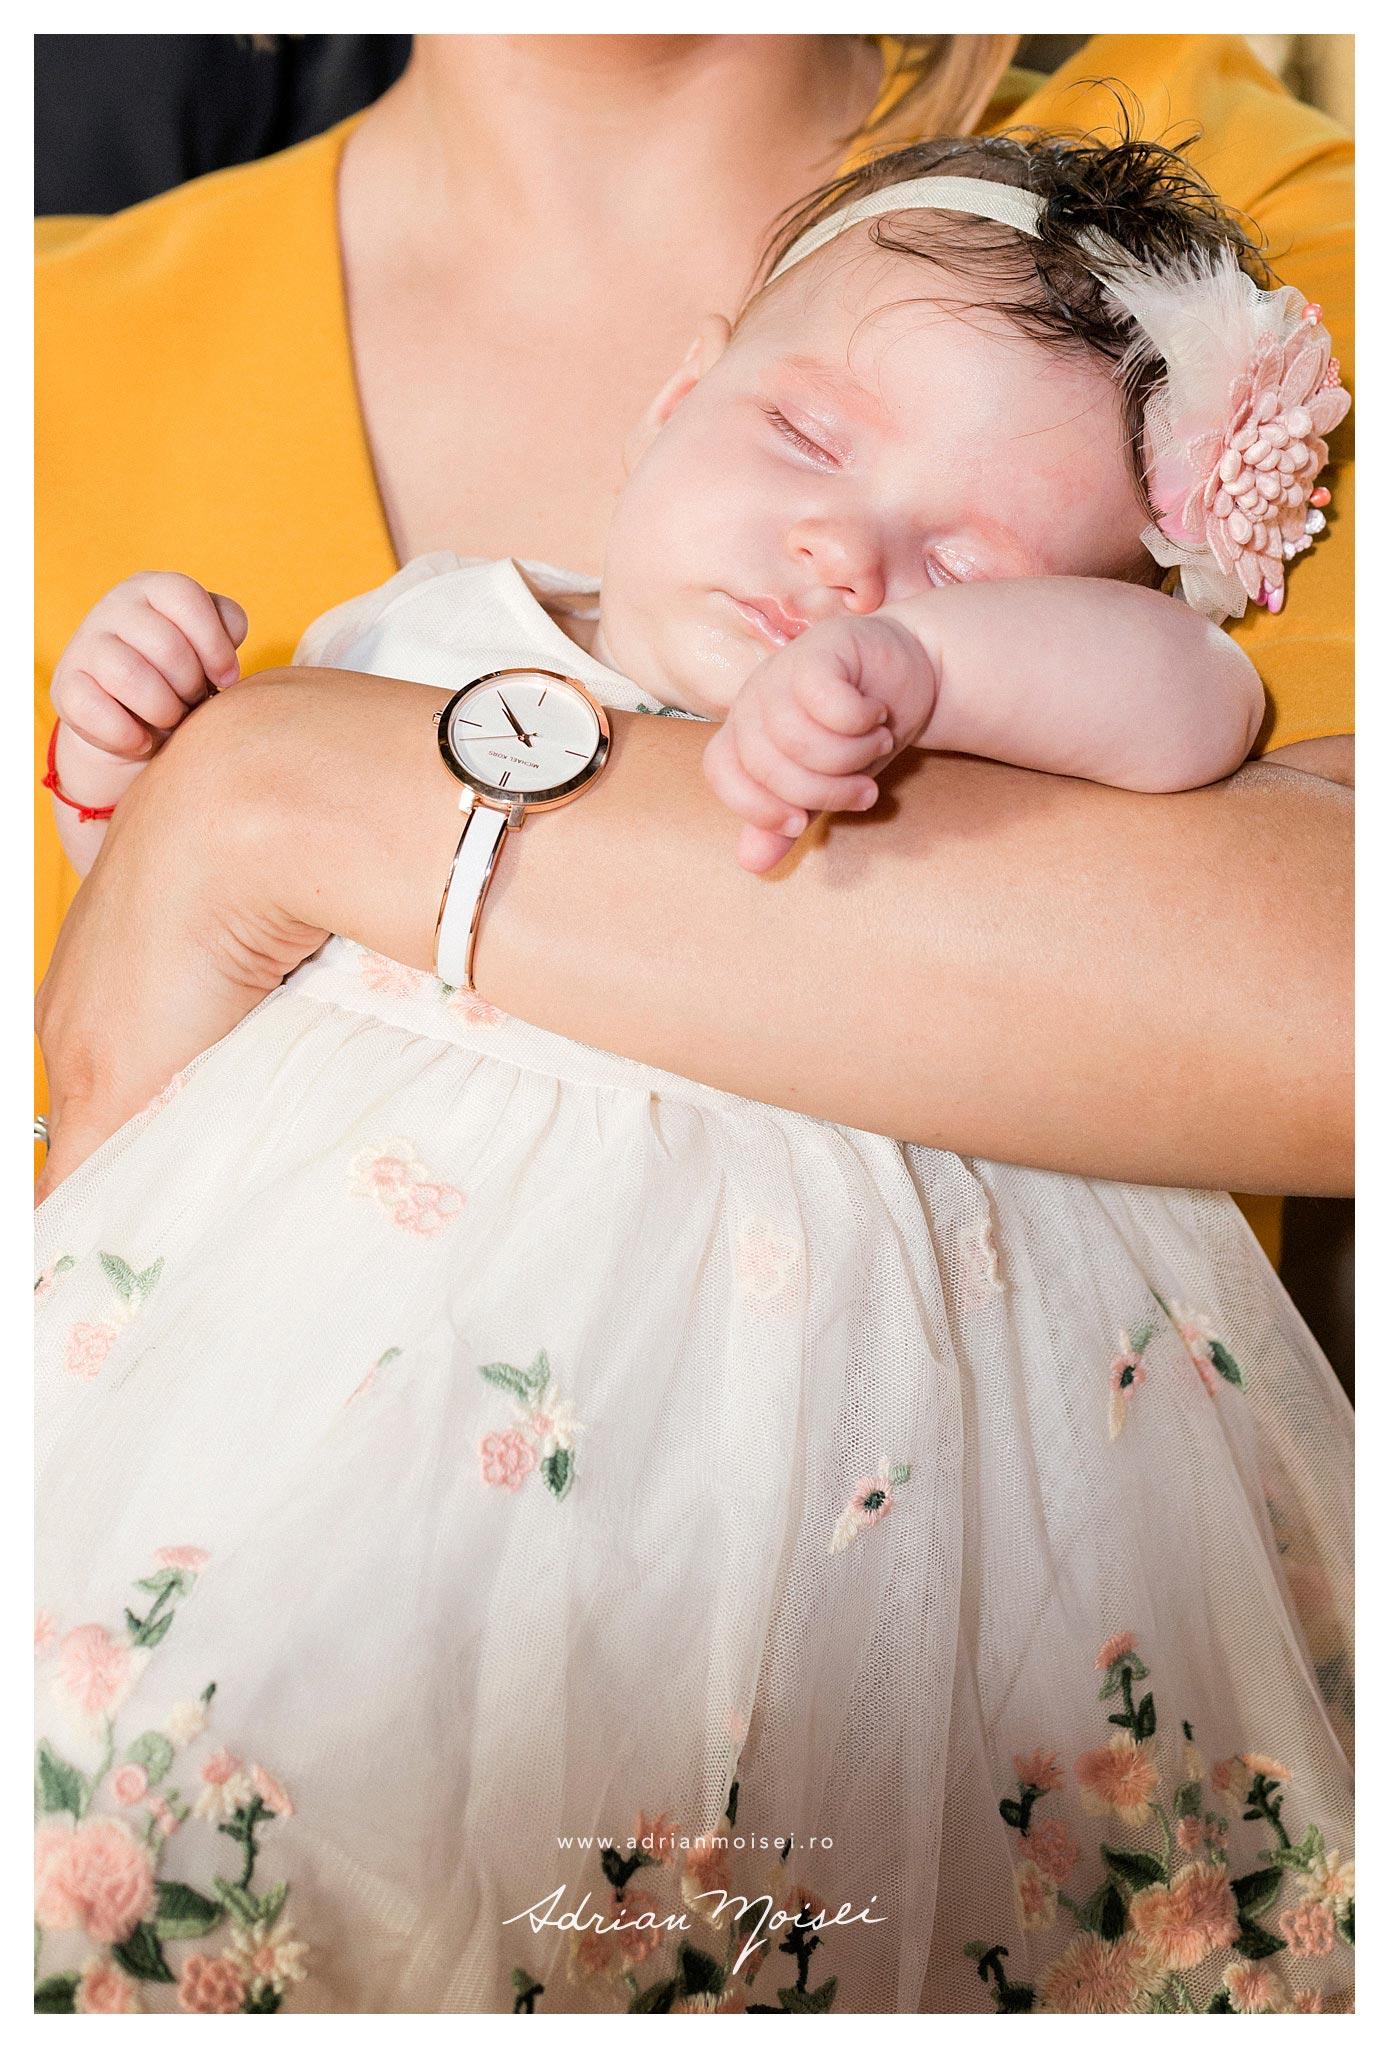 Bebelus dupa botez, dormind in bratele mamei, fotografie de Adrian Moisei